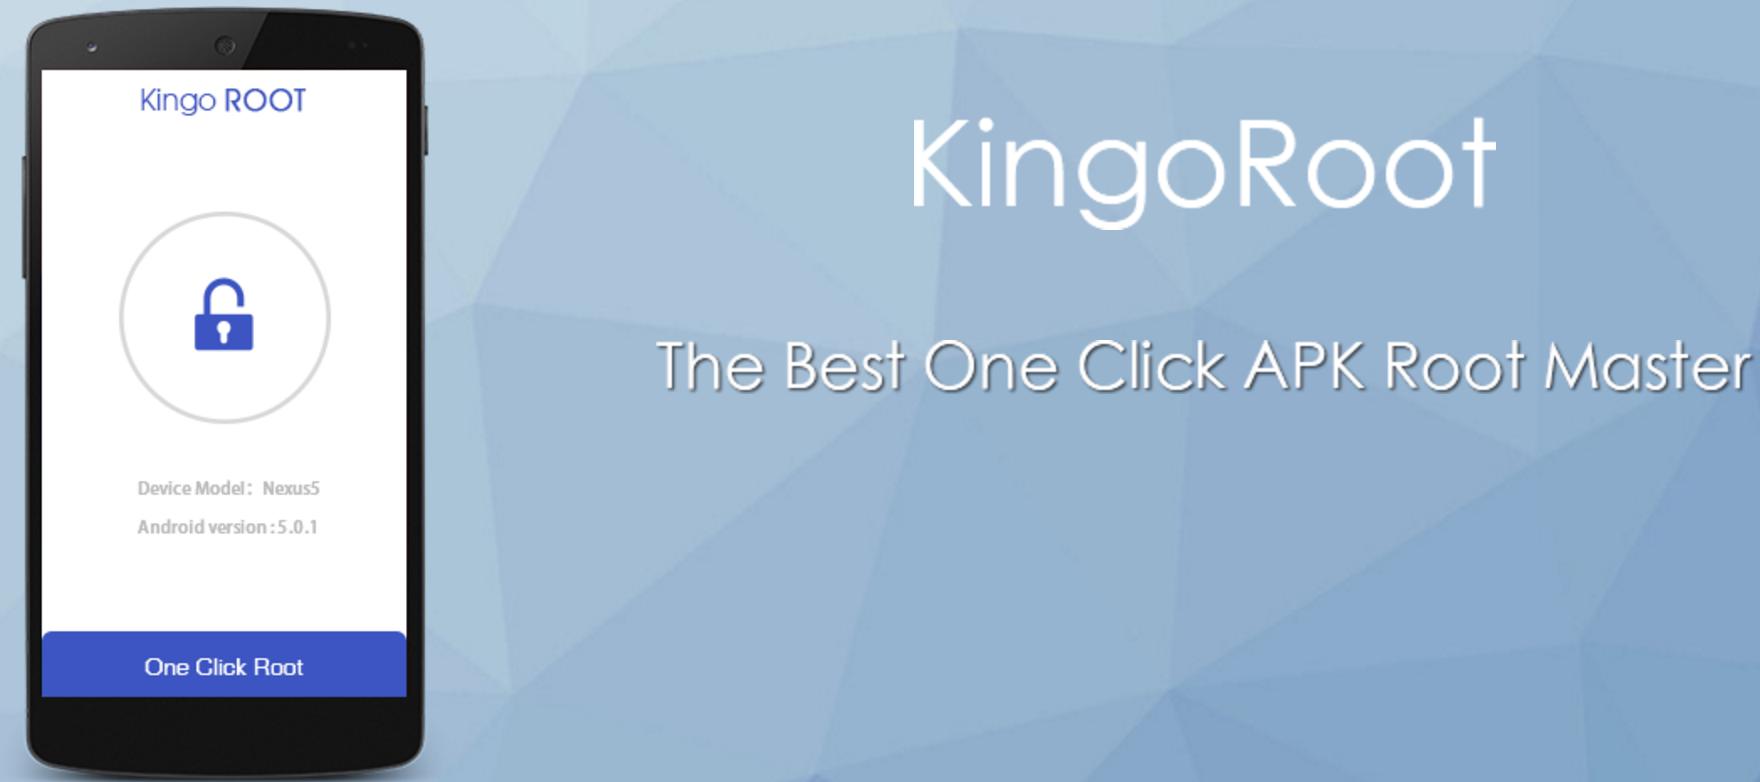 http://cfautoroot.com/root/wp-content/uploads/2016/04/kingo-root.png